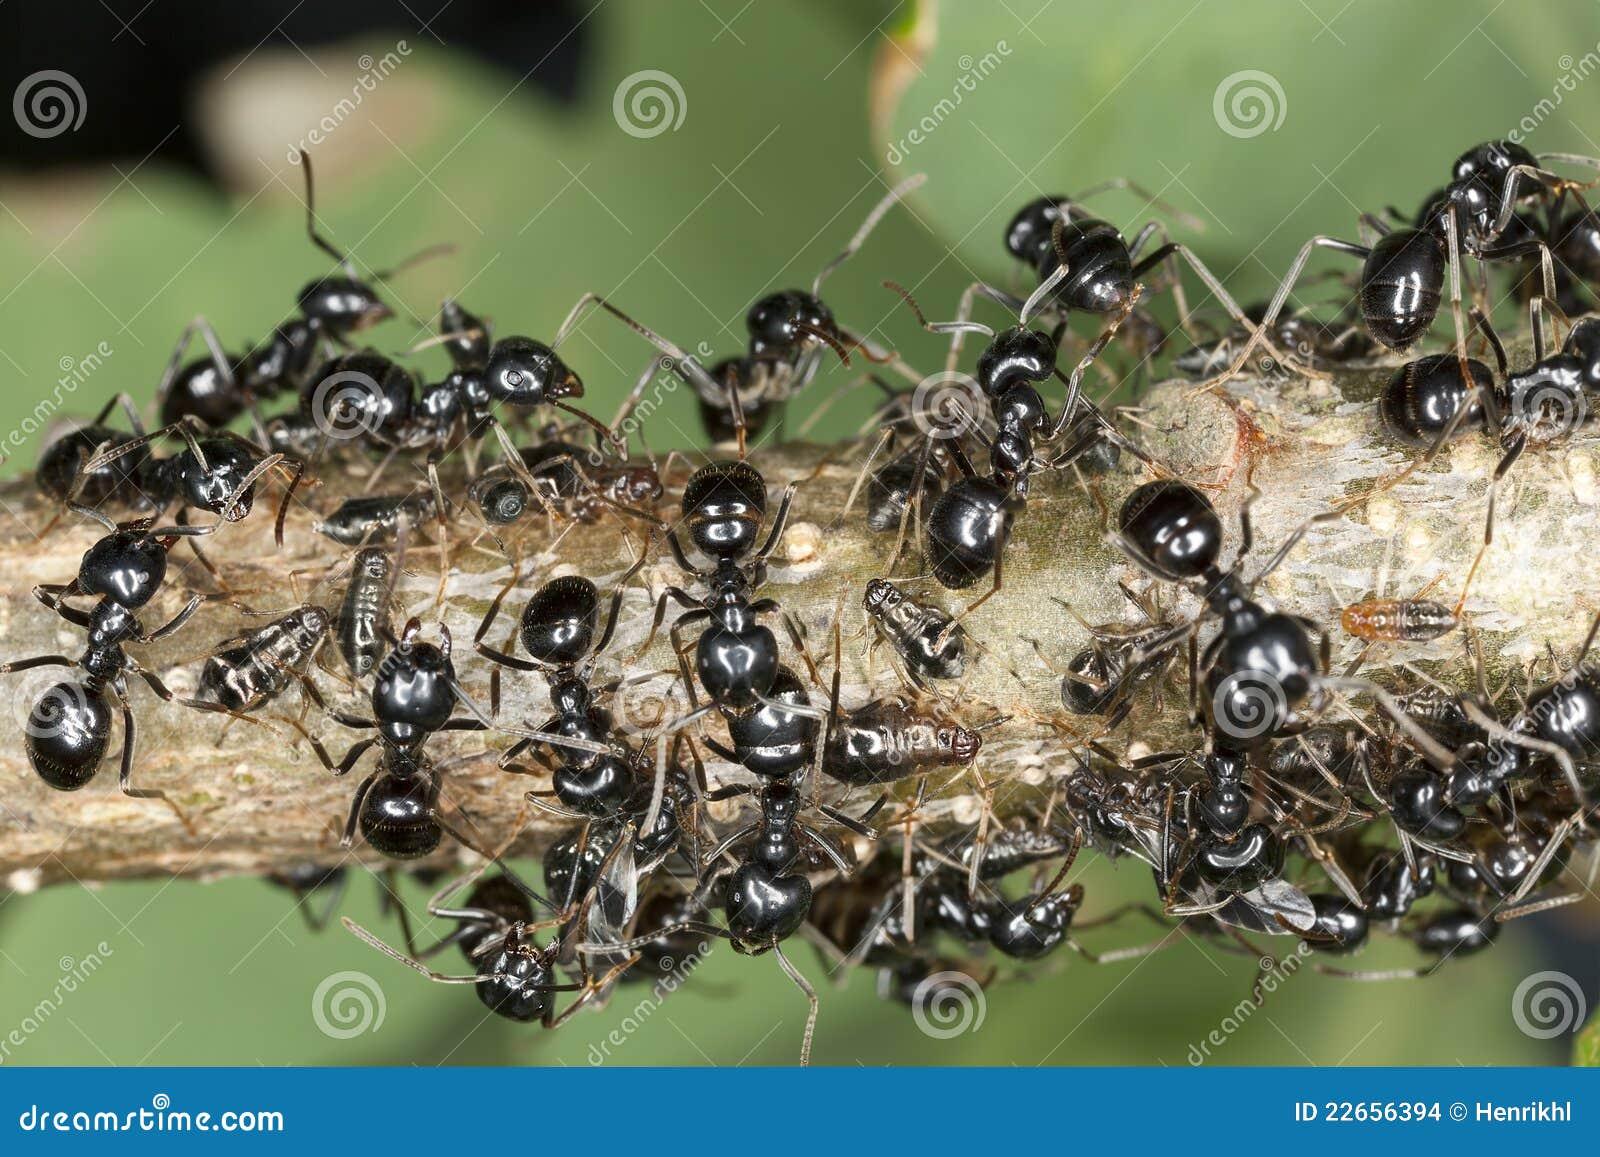 Schwarze Ameisen Die Auf Blattlause Ernten Stockfoto Bild Von